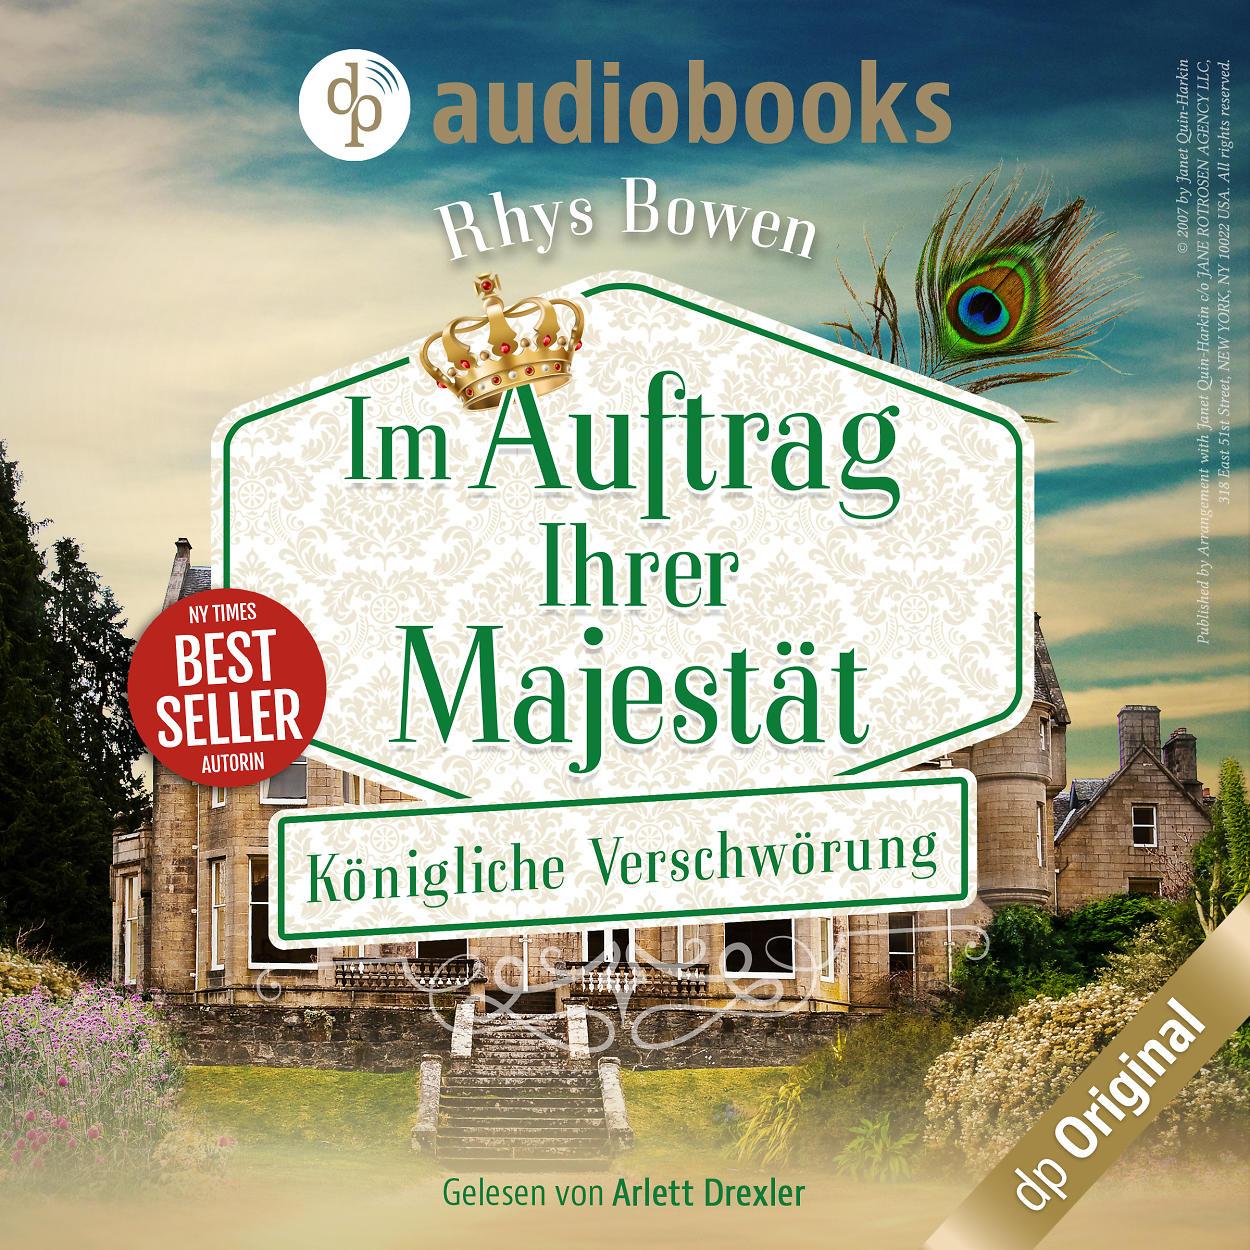 Audiobook - Königliche Verschwörung